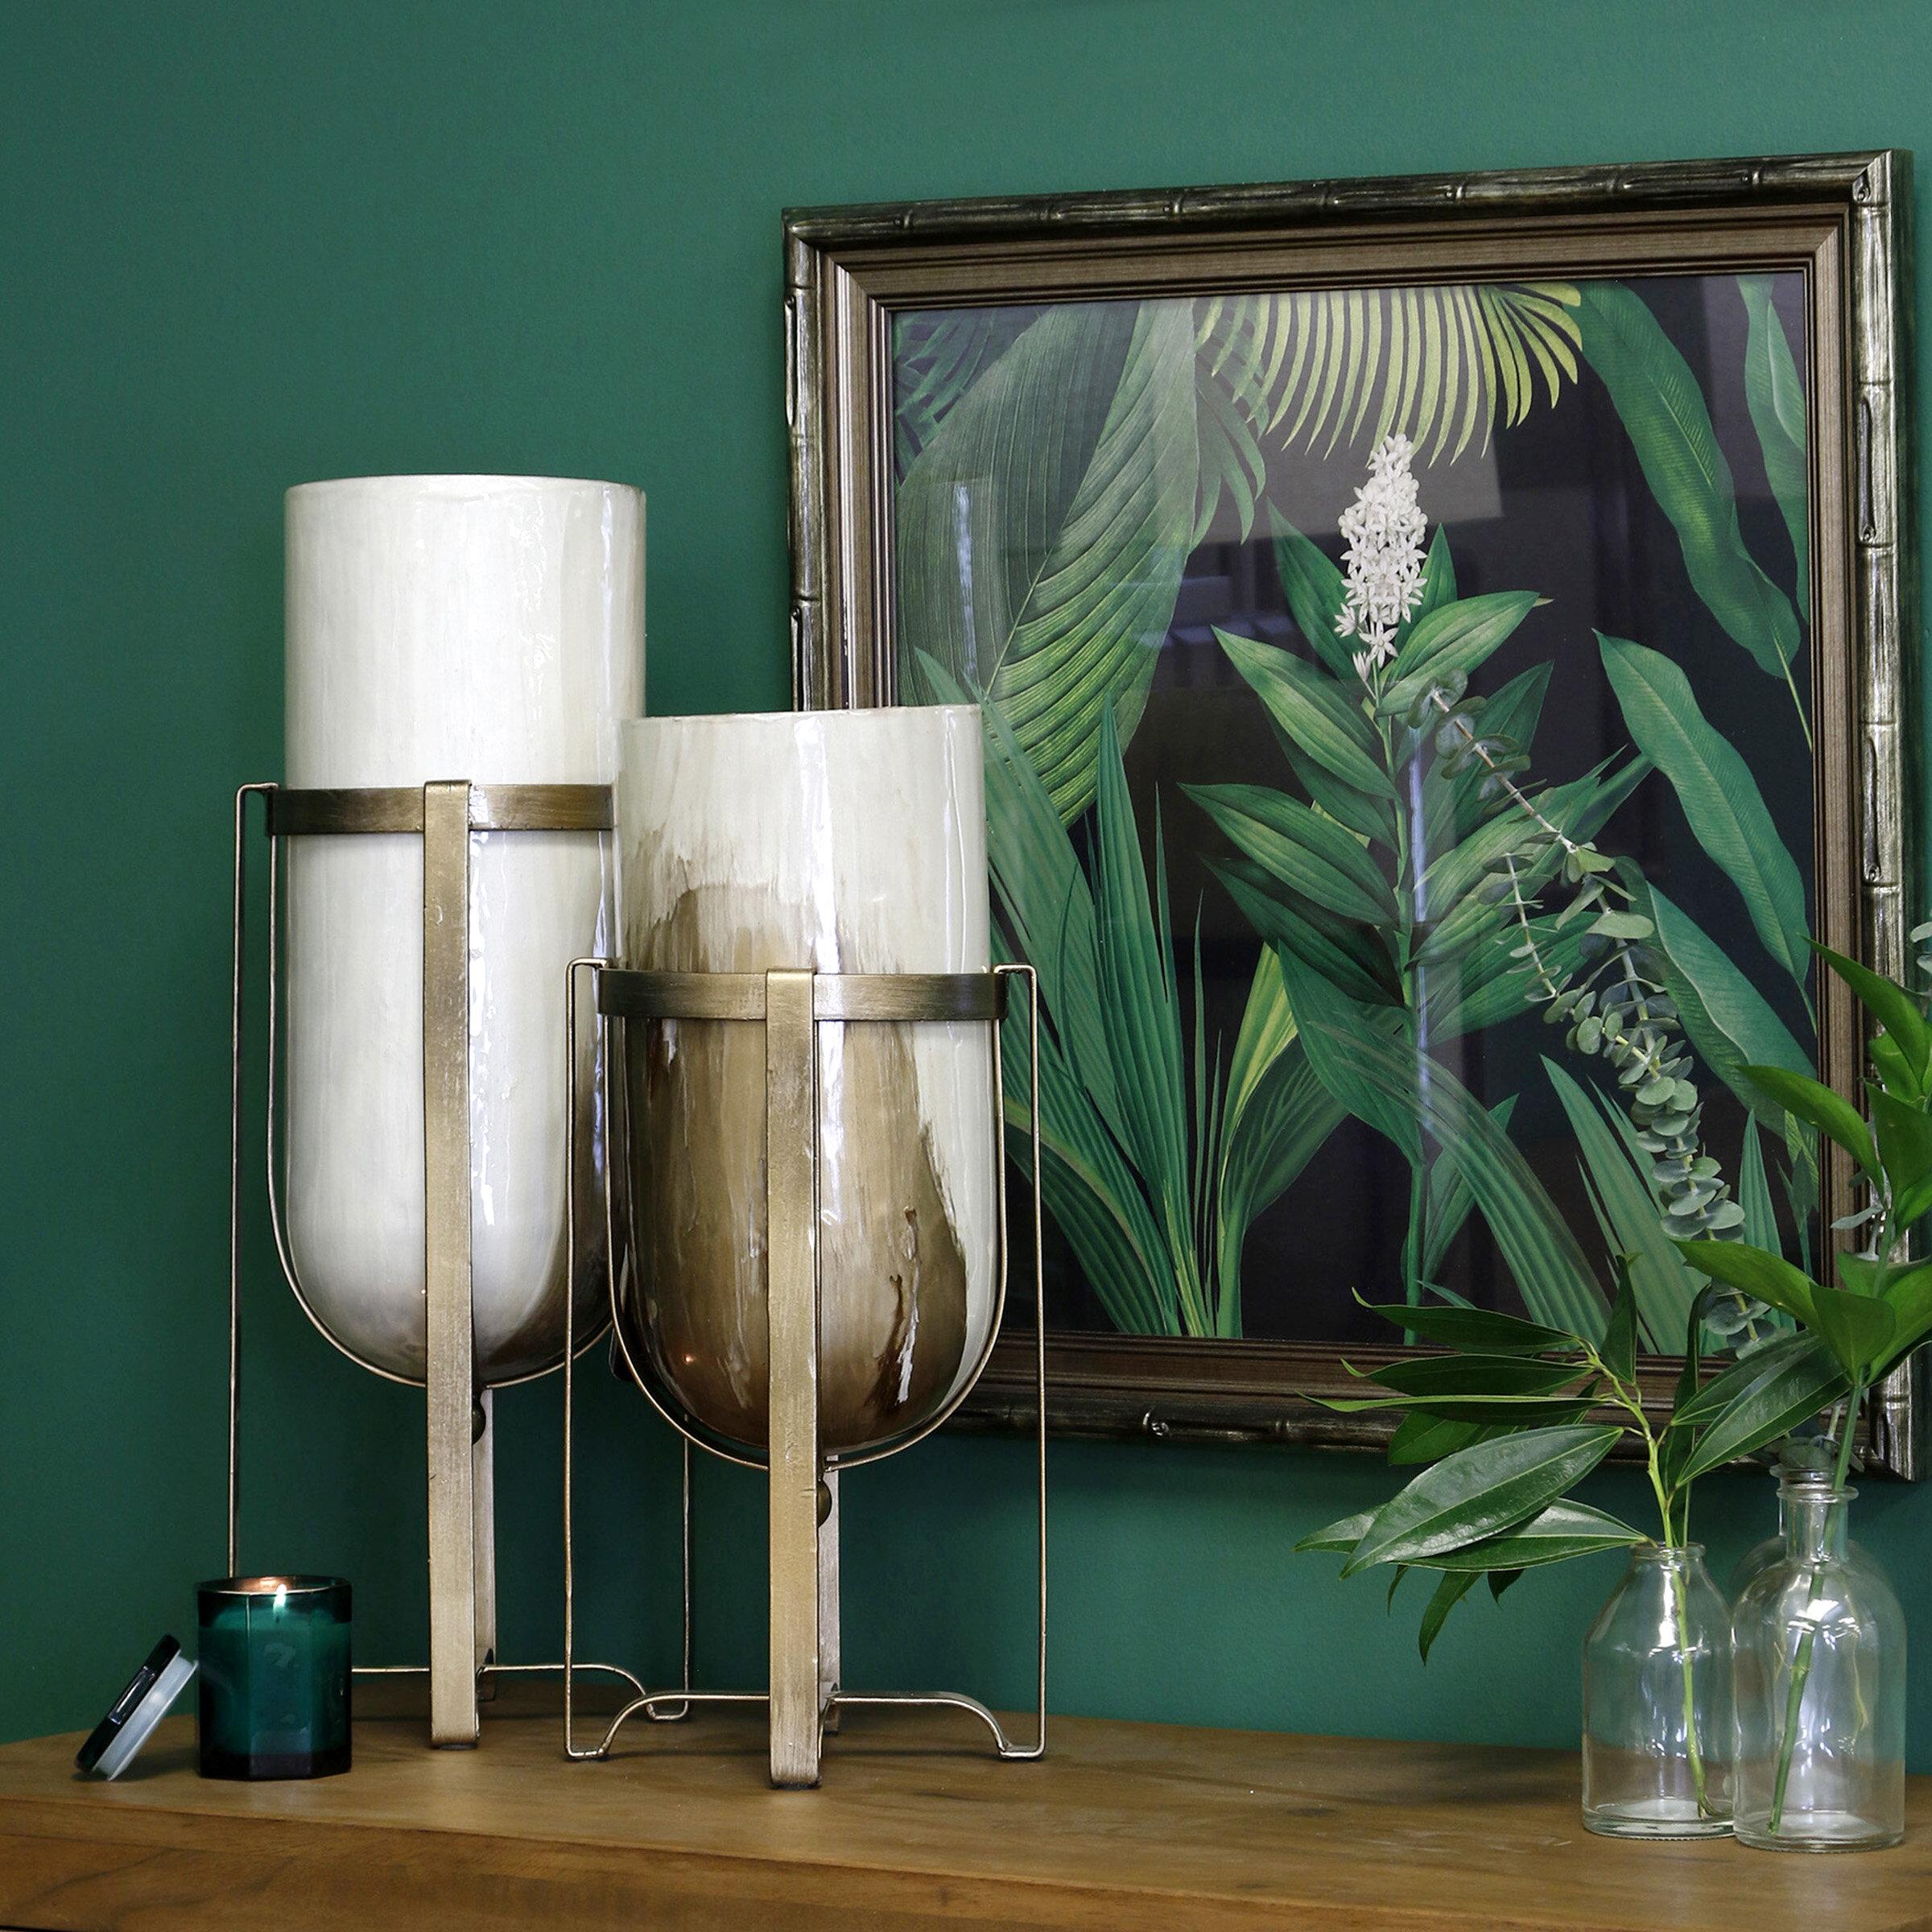 Glass White Vases Urns Jars Bottles You Ll Love In 2021 Wayfair